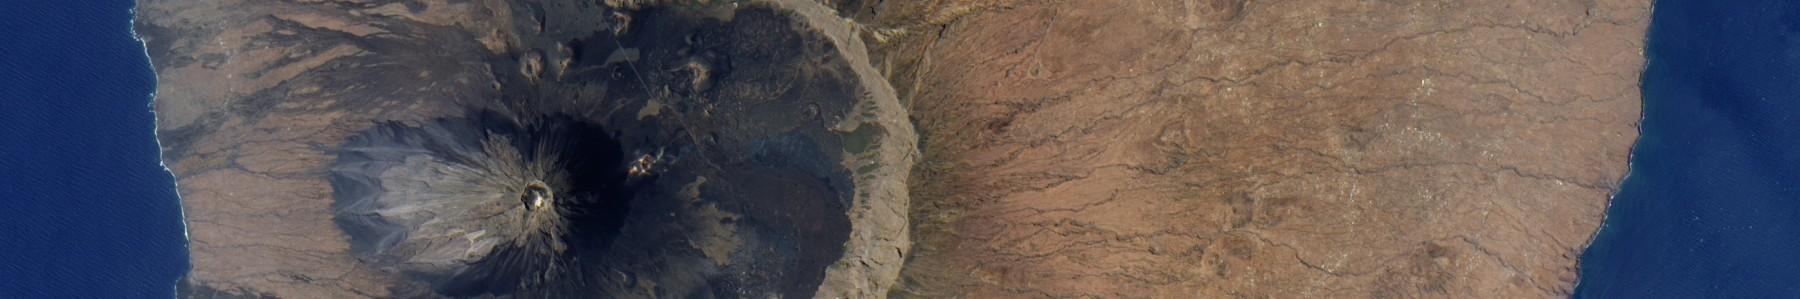 Volcanic Cape Verde Islands